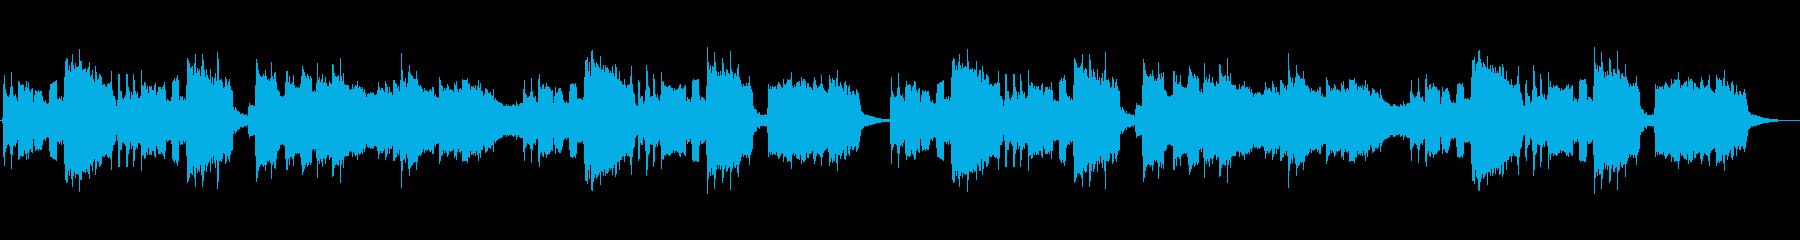 クラリネットが印象的なアニメ風ジングルの再生済みの波形